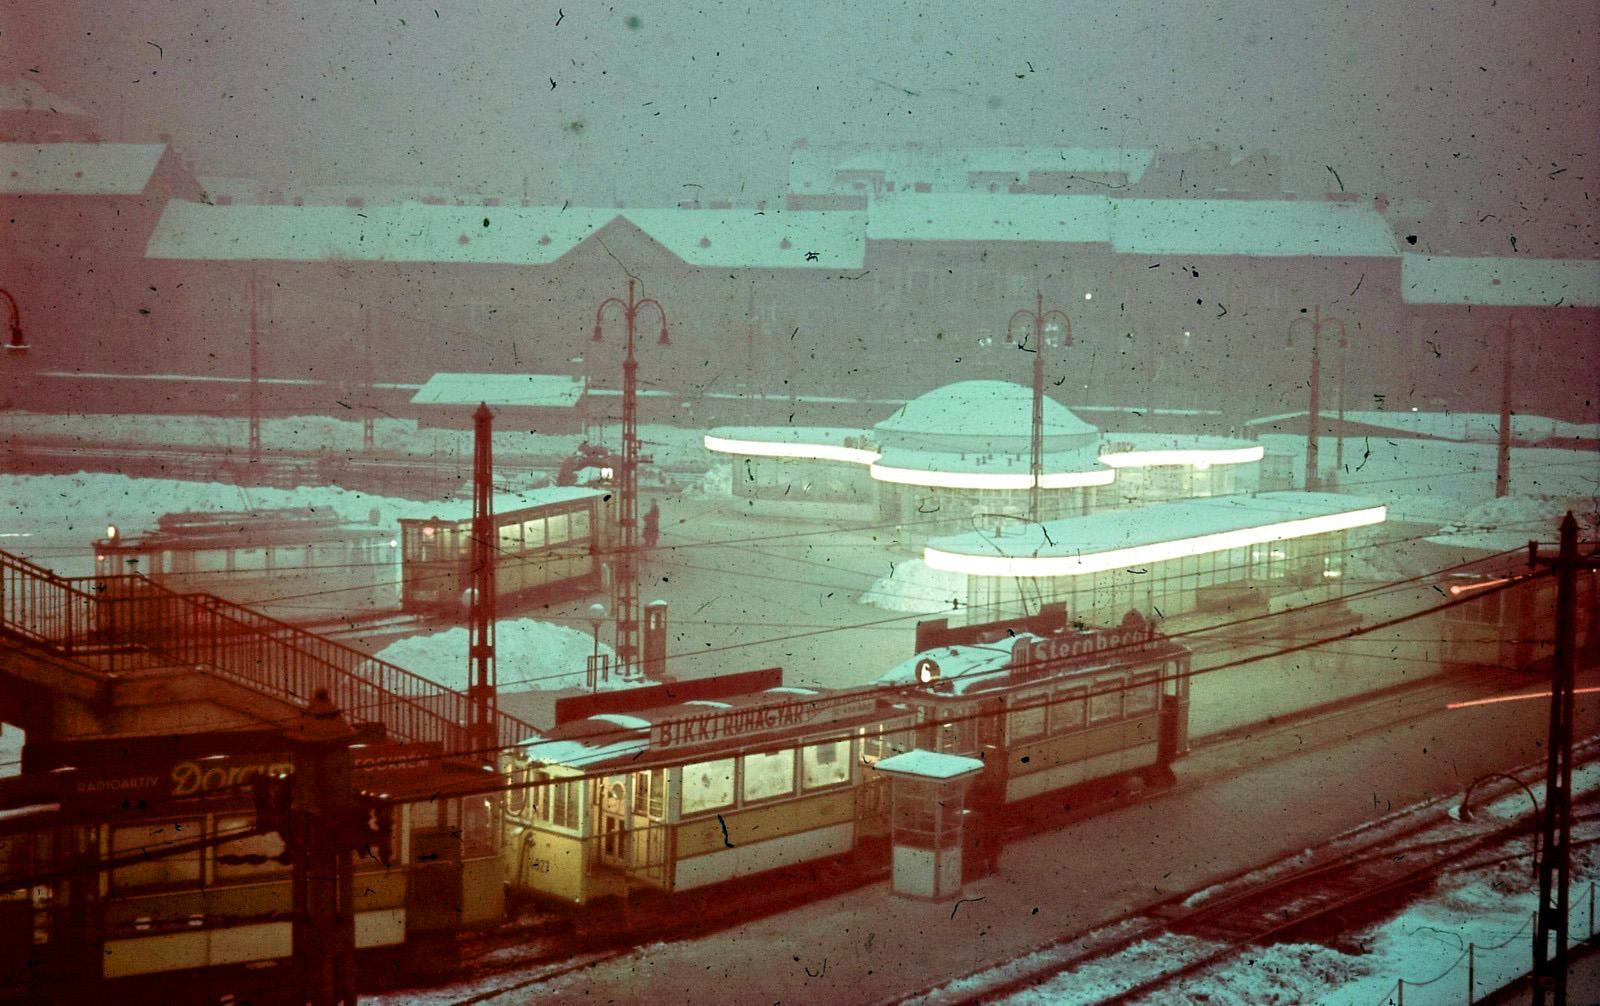 1940 budapest-i-kerulet-szell-kalman-moszkva-ter1